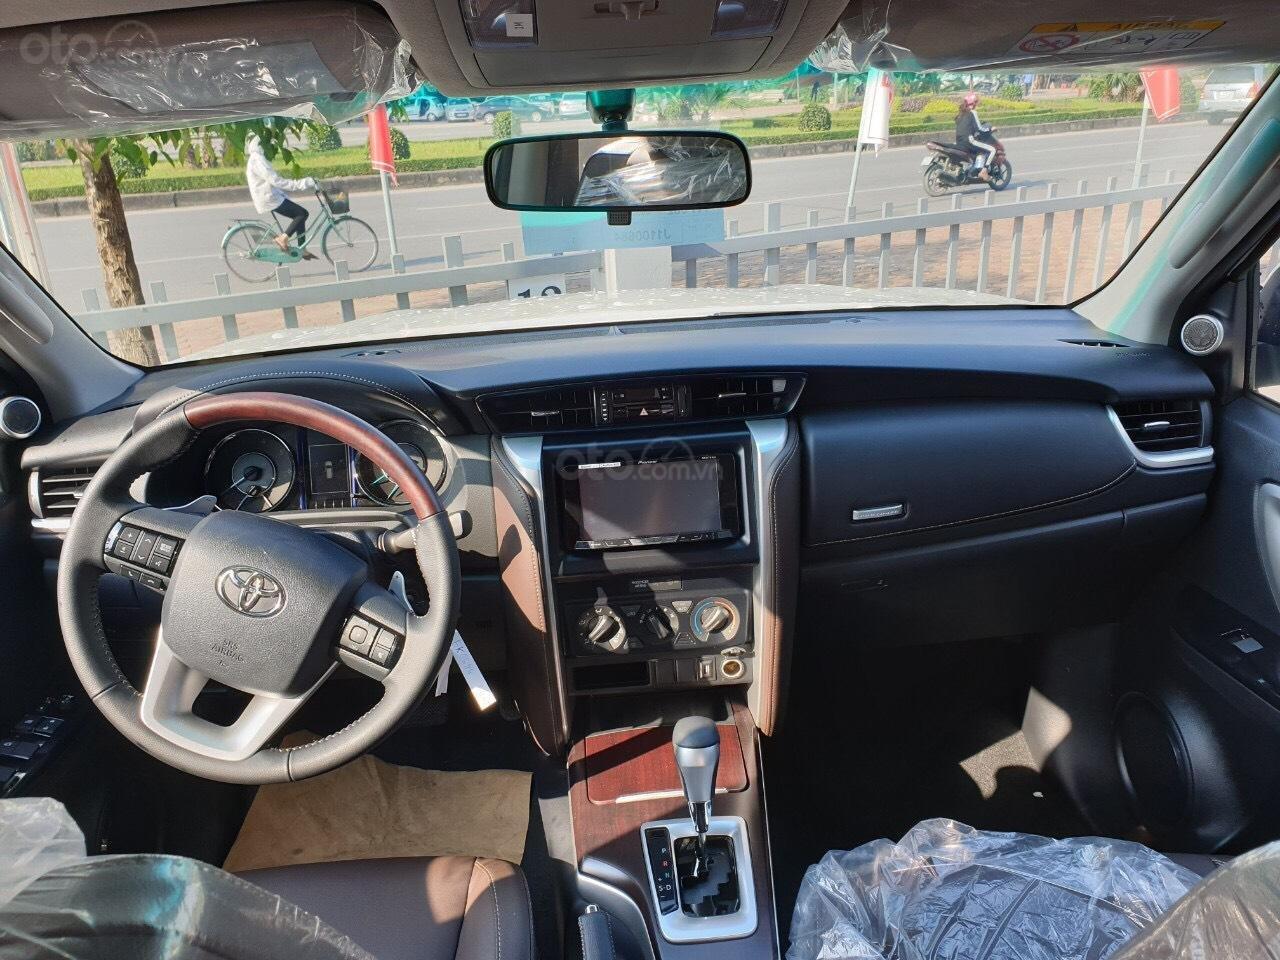 Toyota Fortuner 2.4 AT 2020 - chỉ tiêu duy nhất 3 xe - giá sập sàn (3)